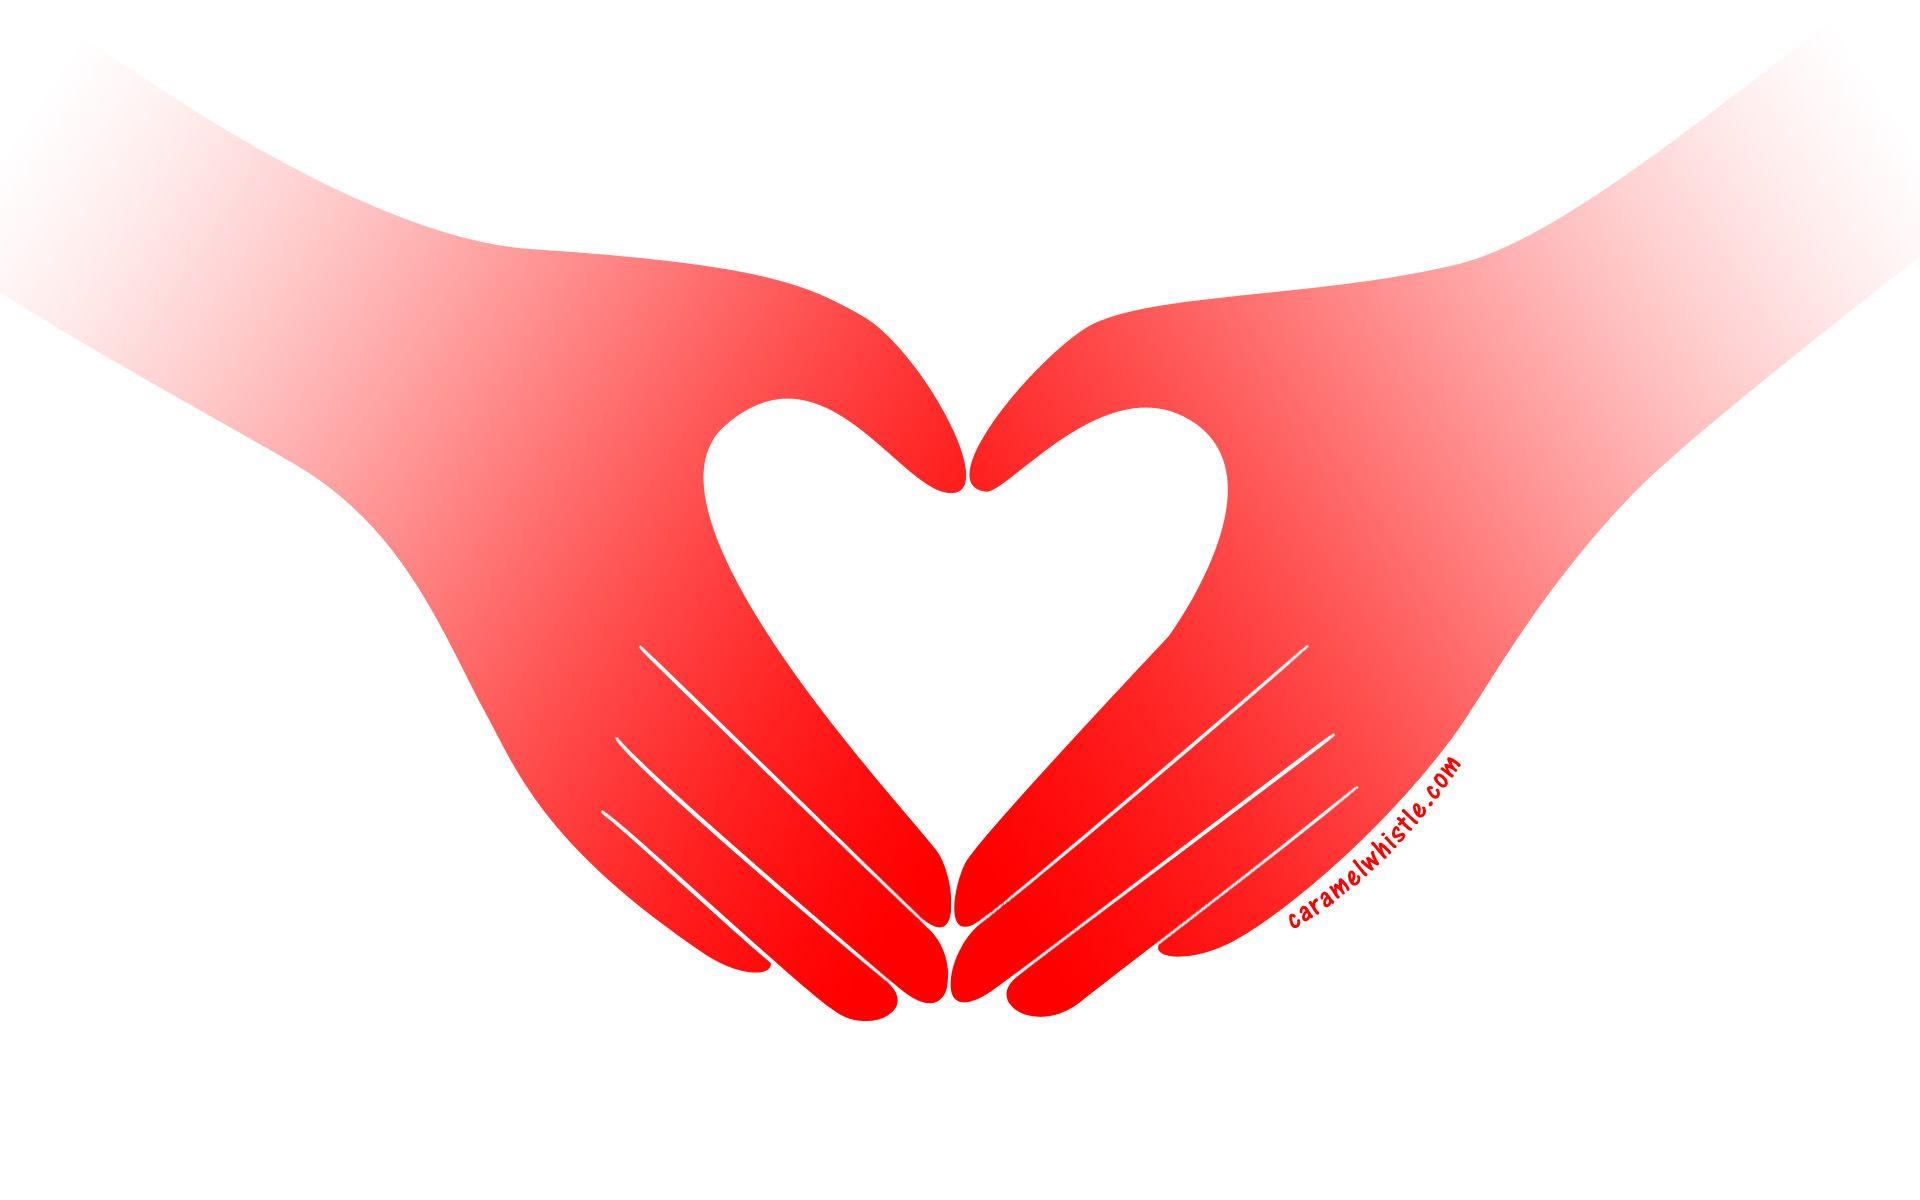 Heart clipart sign. Hands making a google